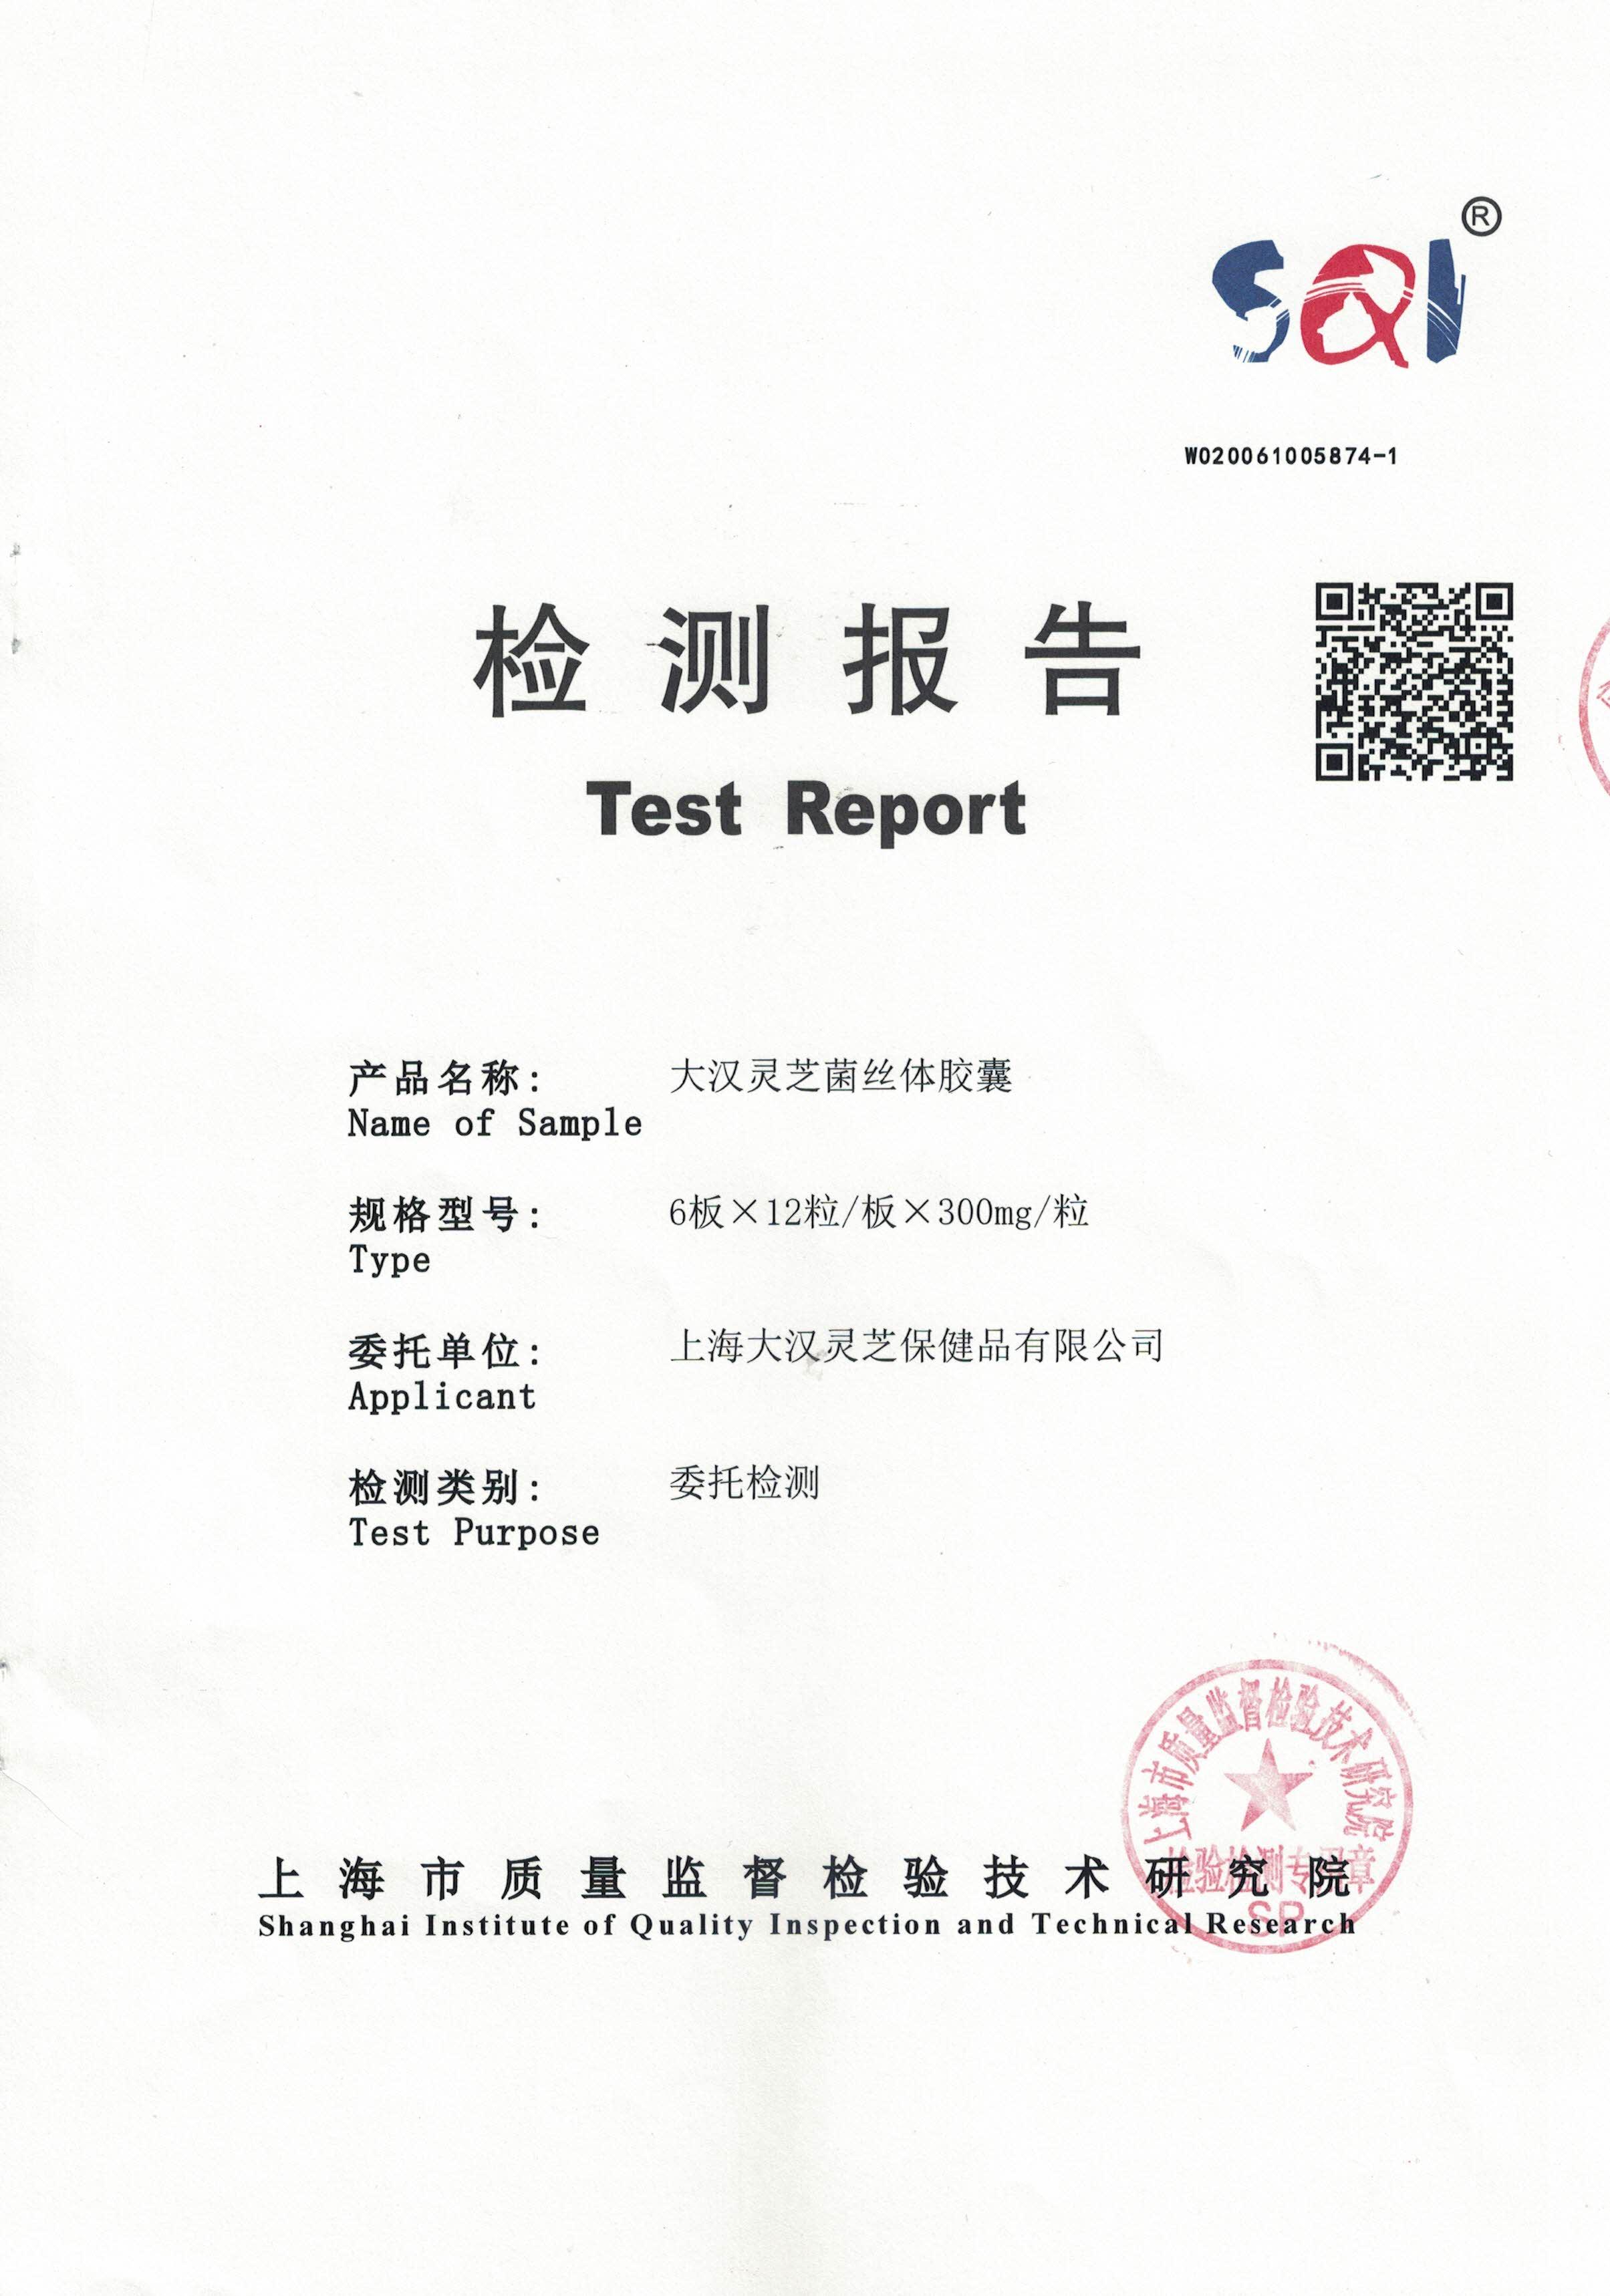 2020年4月24日 大汉灵芝菌丝体 有效成分含量检测报告